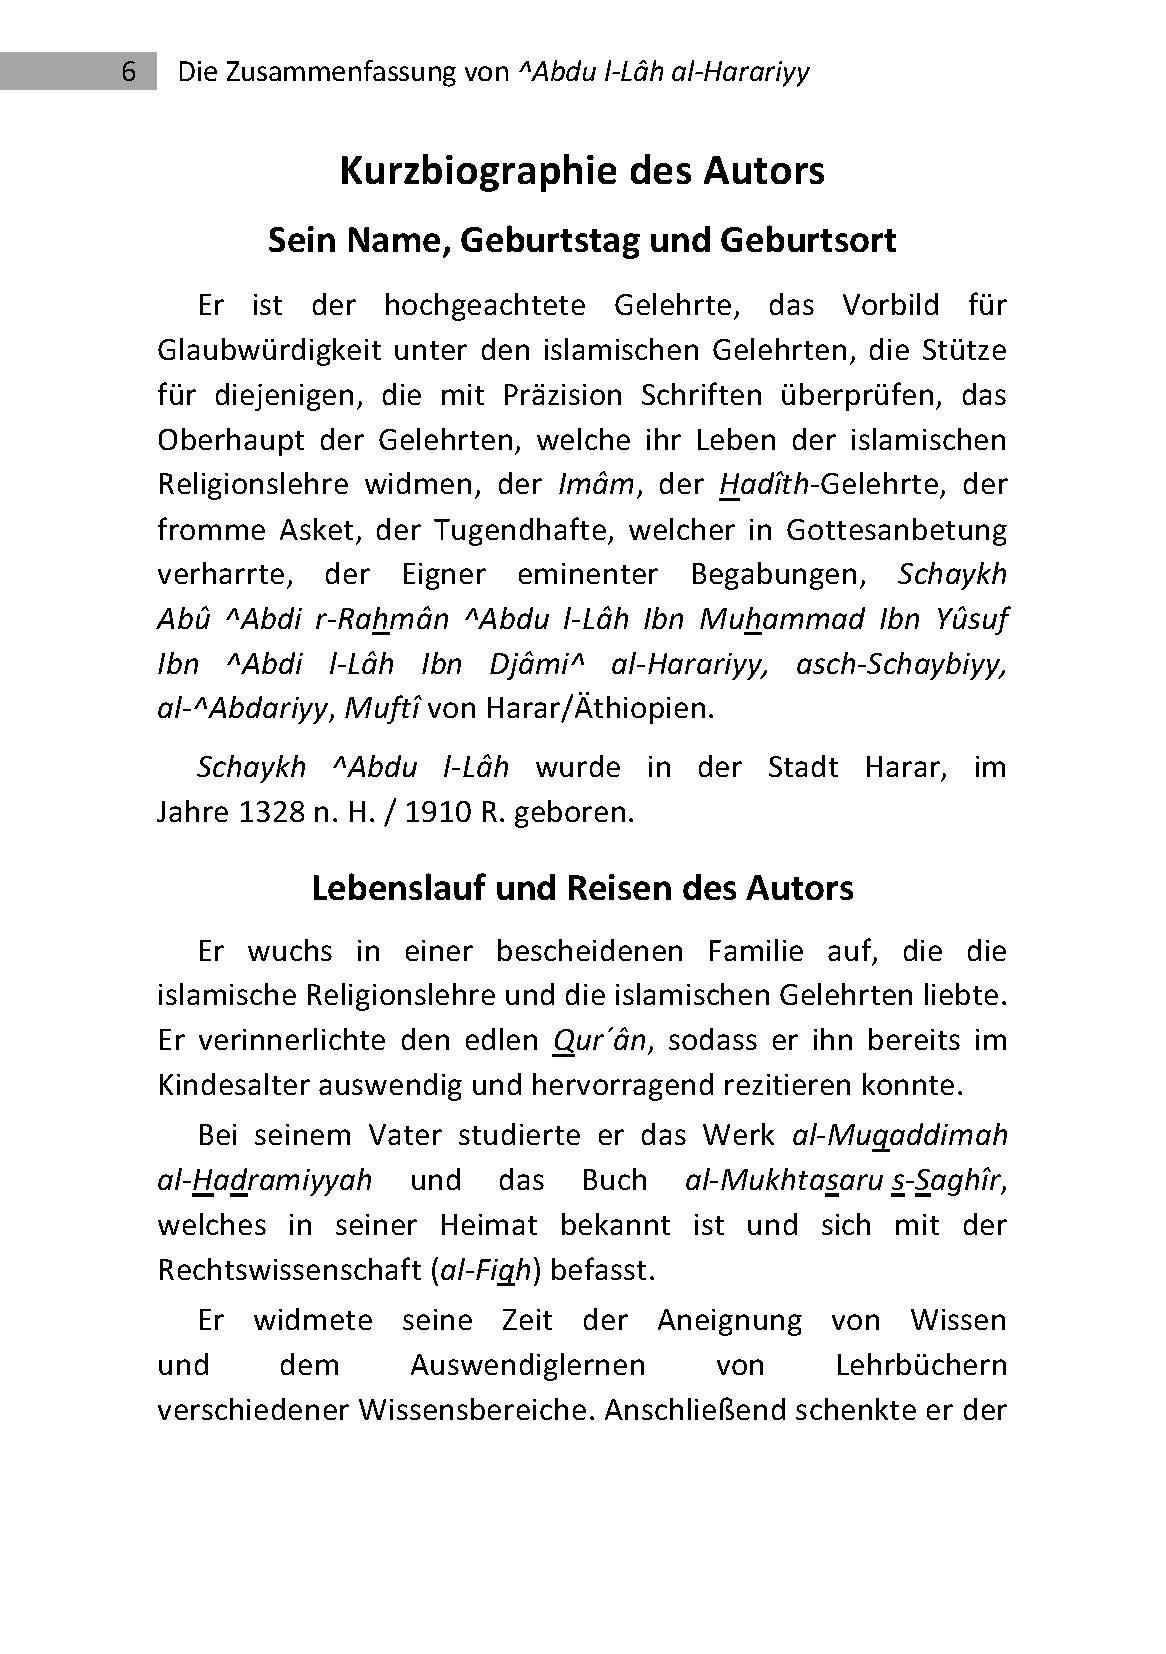 Die Zusammenfassung - 3. Auflage 2014_Seite_06